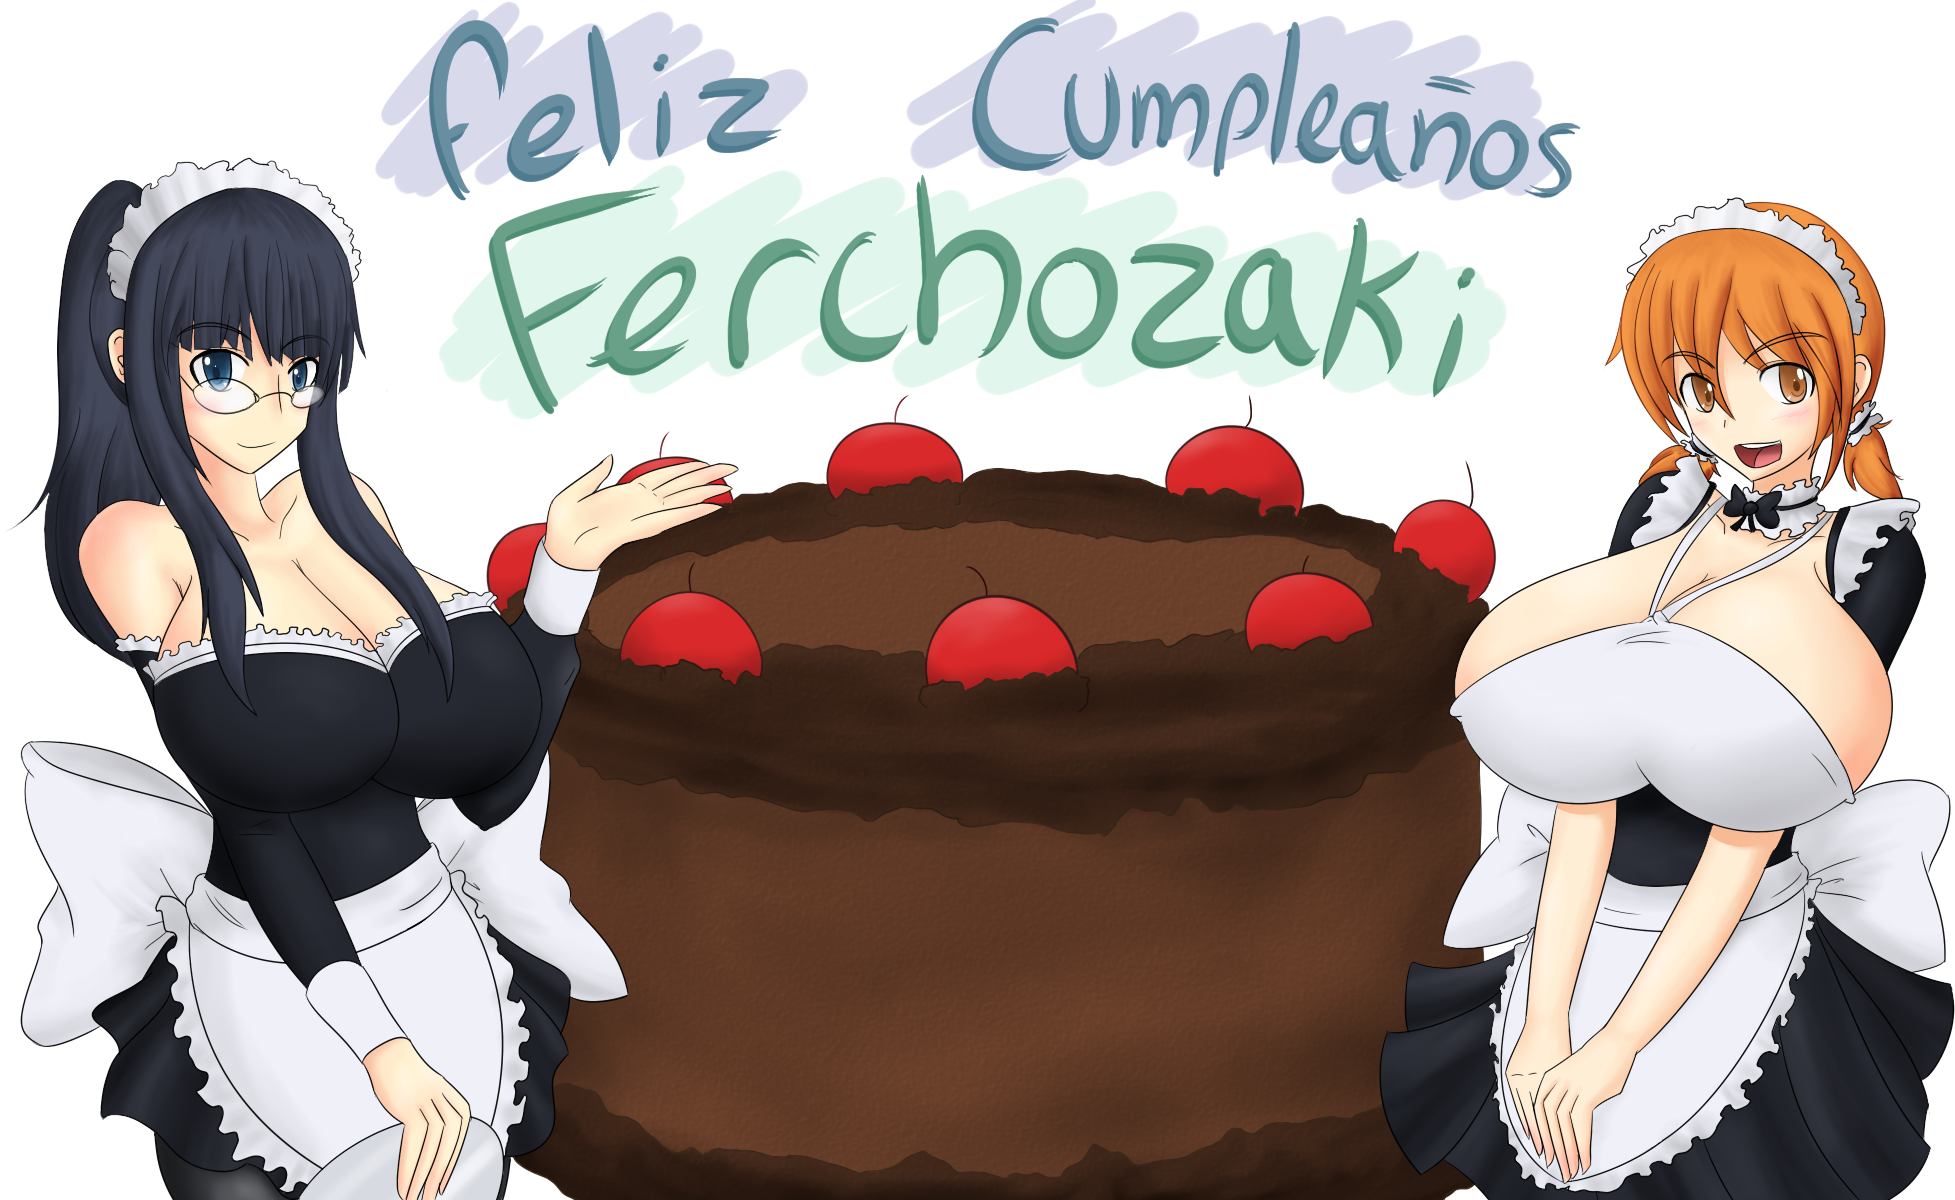 Fercho's B-day gift